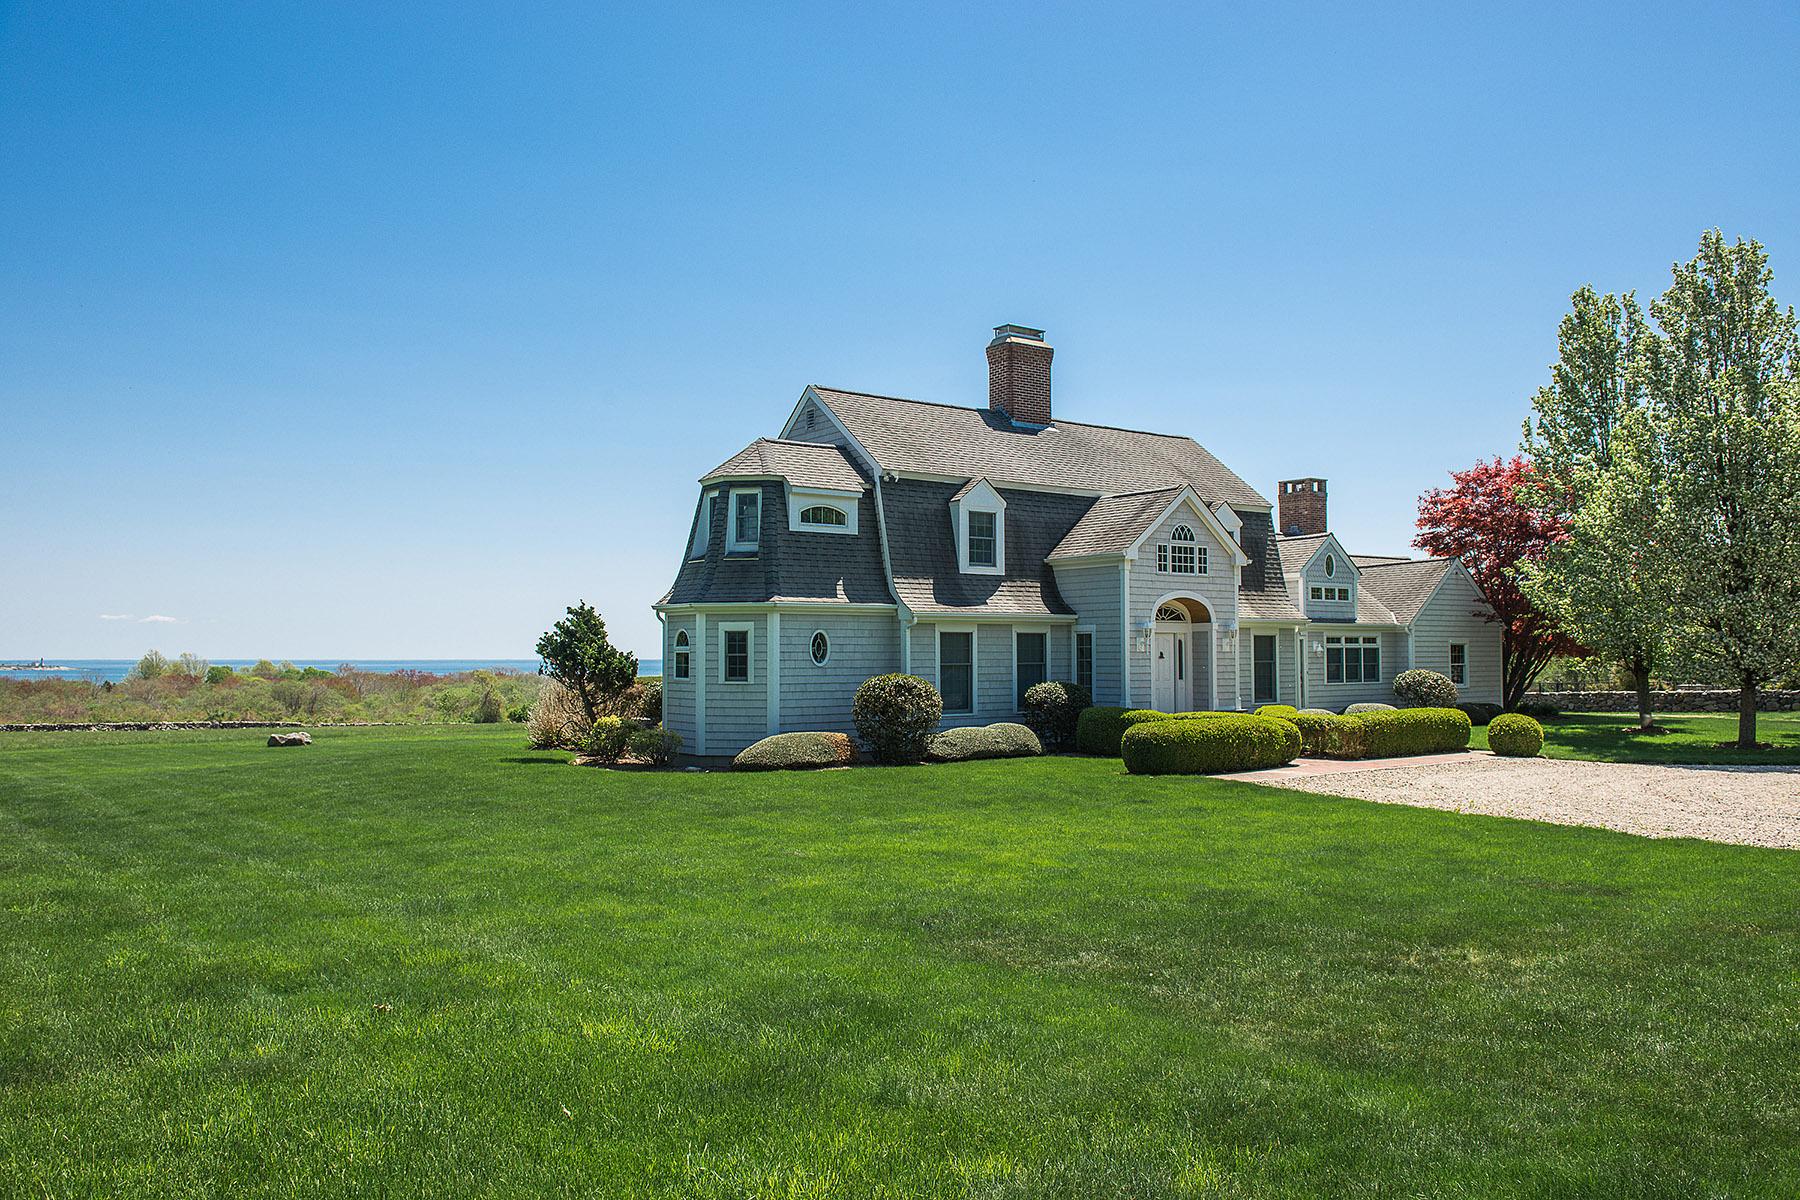 Villa per Vendita alle ore 95 Old Boston Neck Road Narragansett, Rhode Island 02882 Stati Uniti